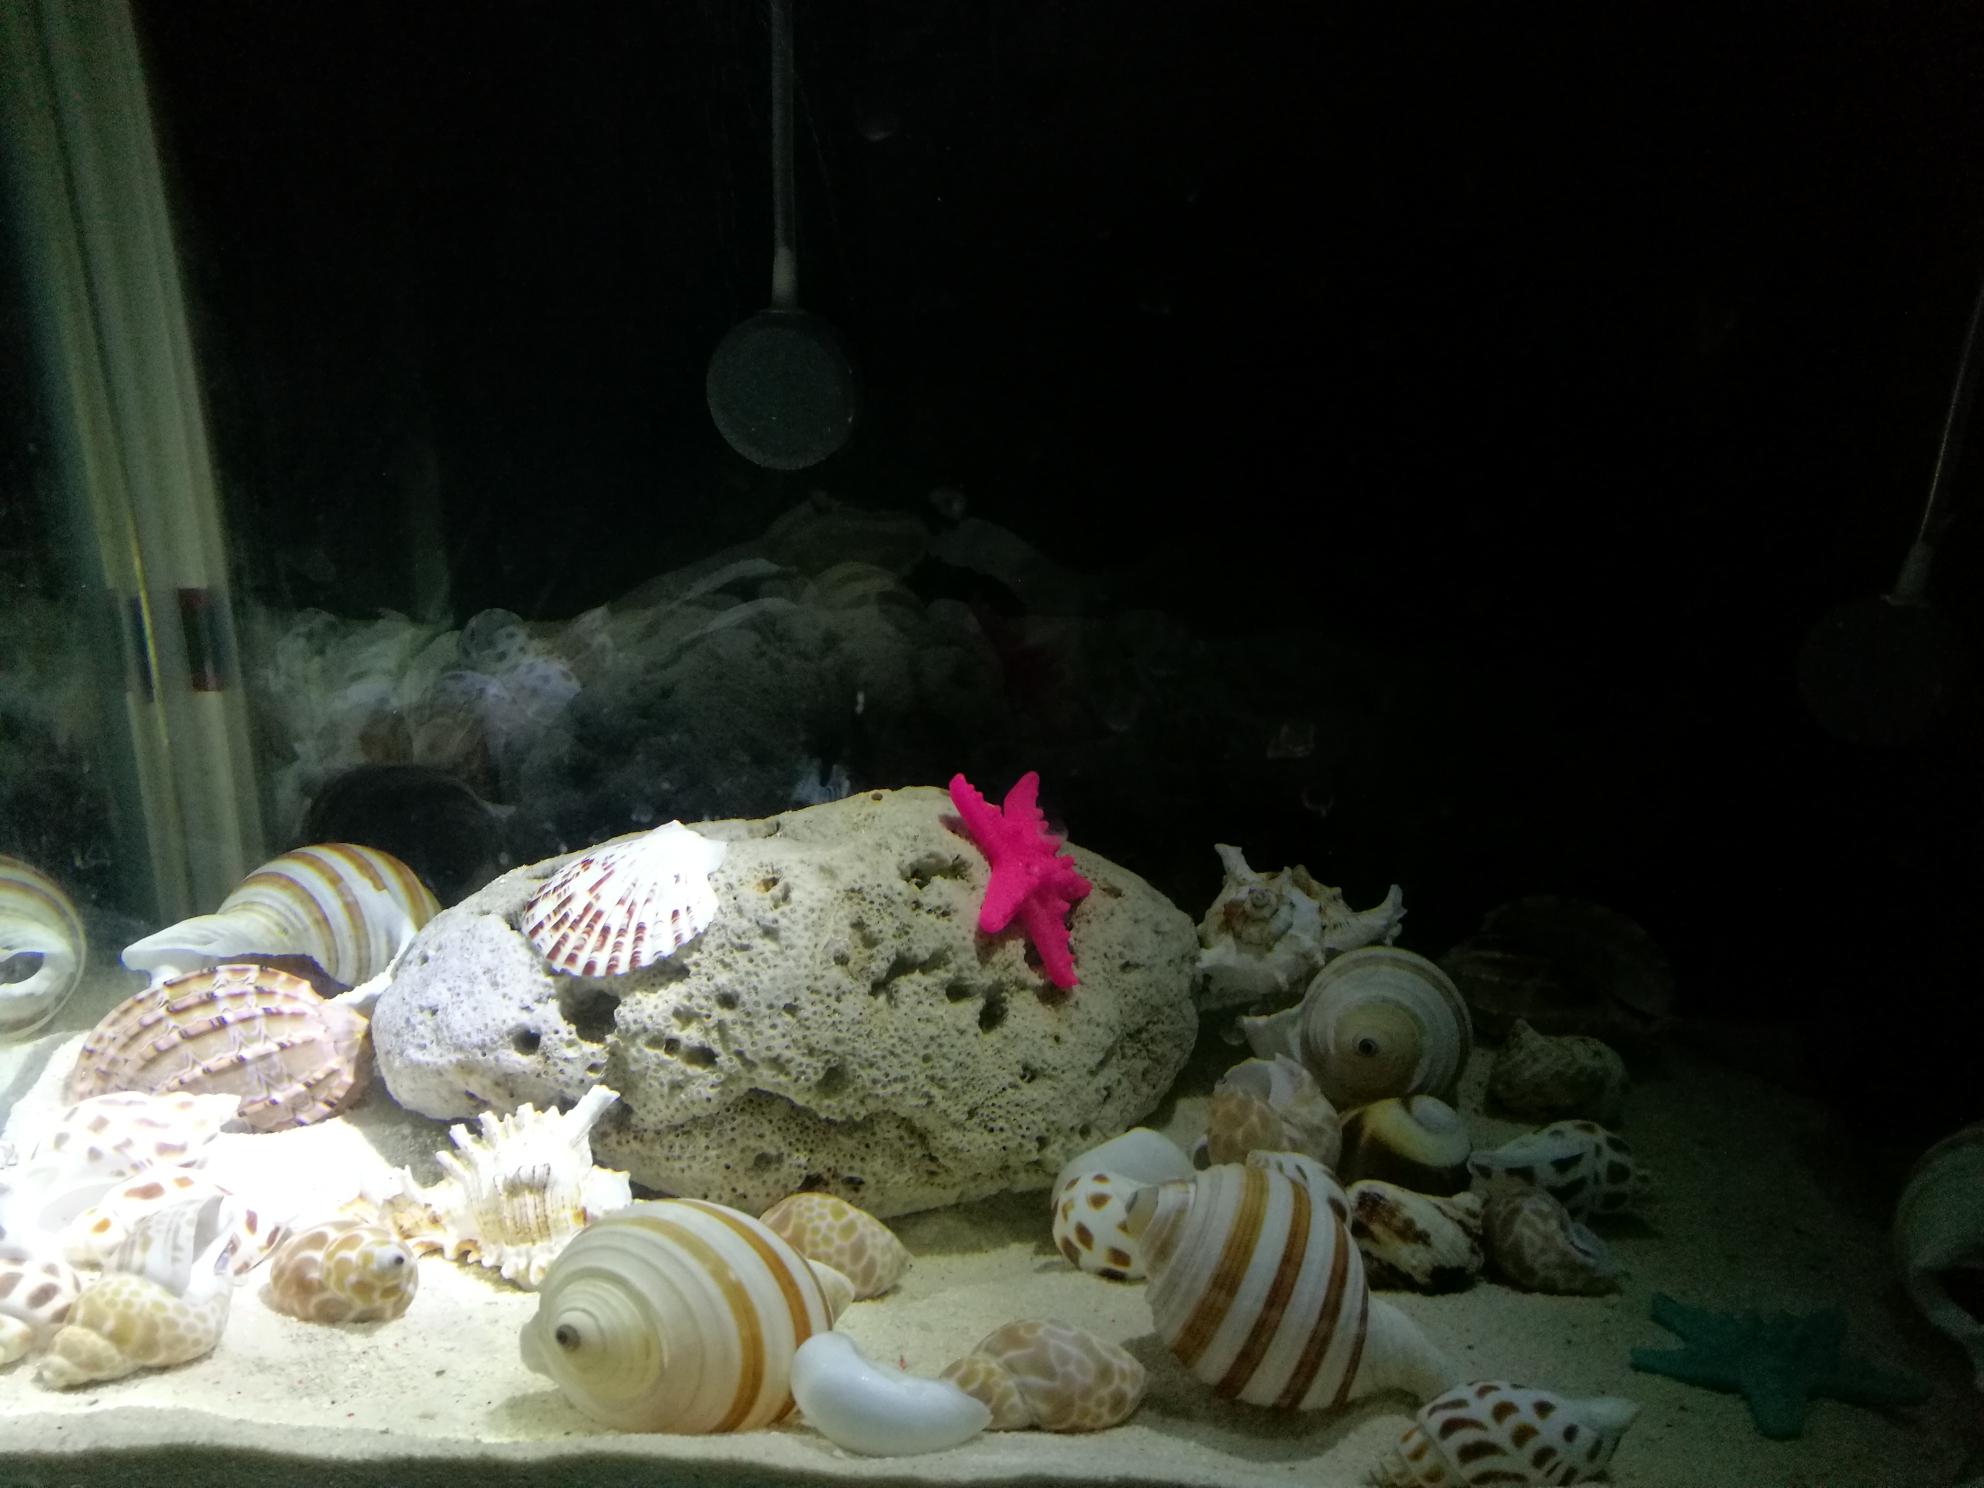 准备开一缸卷贝类等鱼中 北京观赏鱼 北京龙鱼第2张